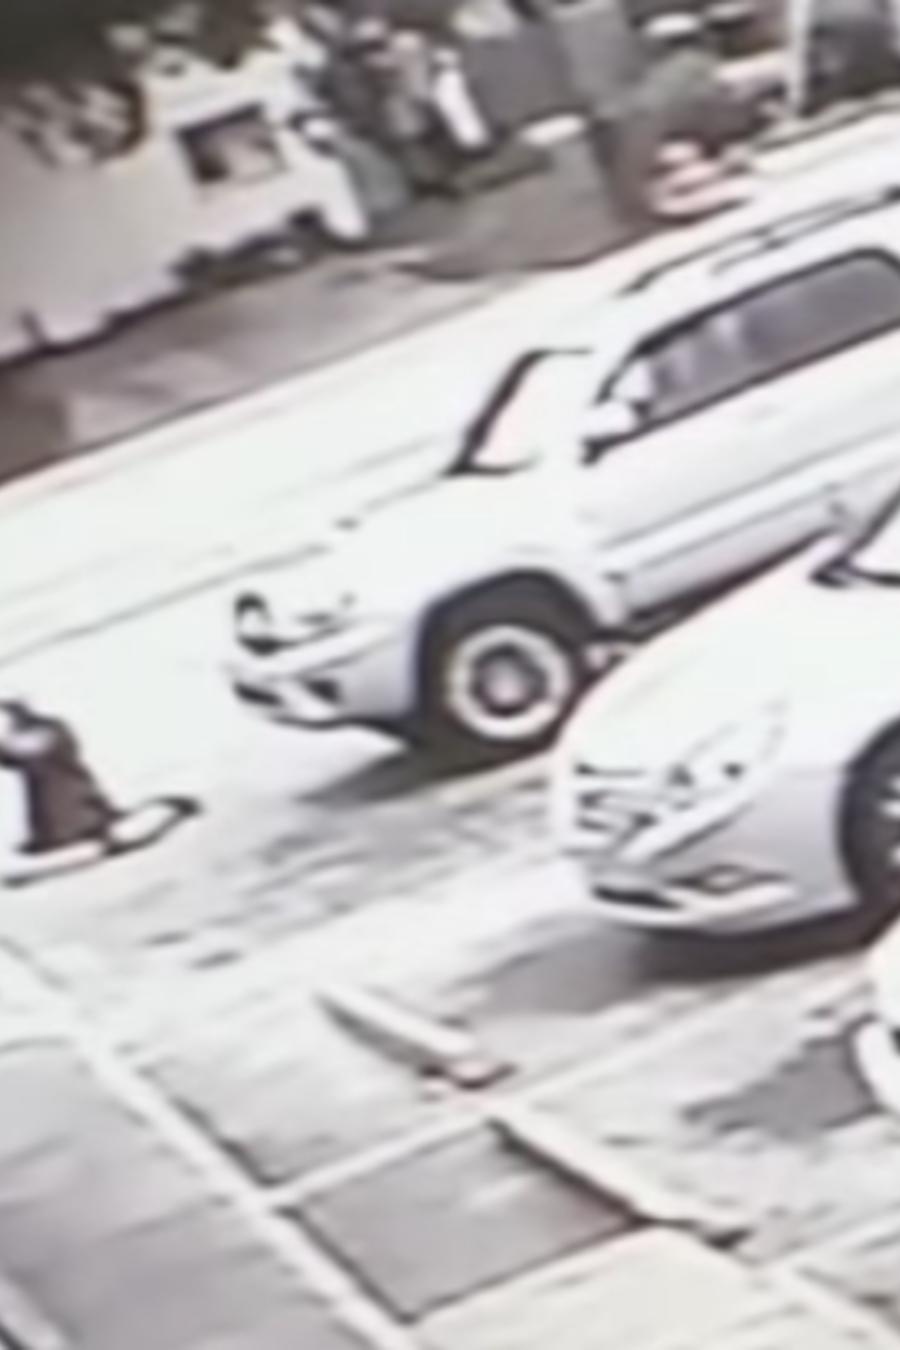 McGlockton recibe un disparo de Drejka, según la grabación de una cámara de seguridad difundida por la policía.